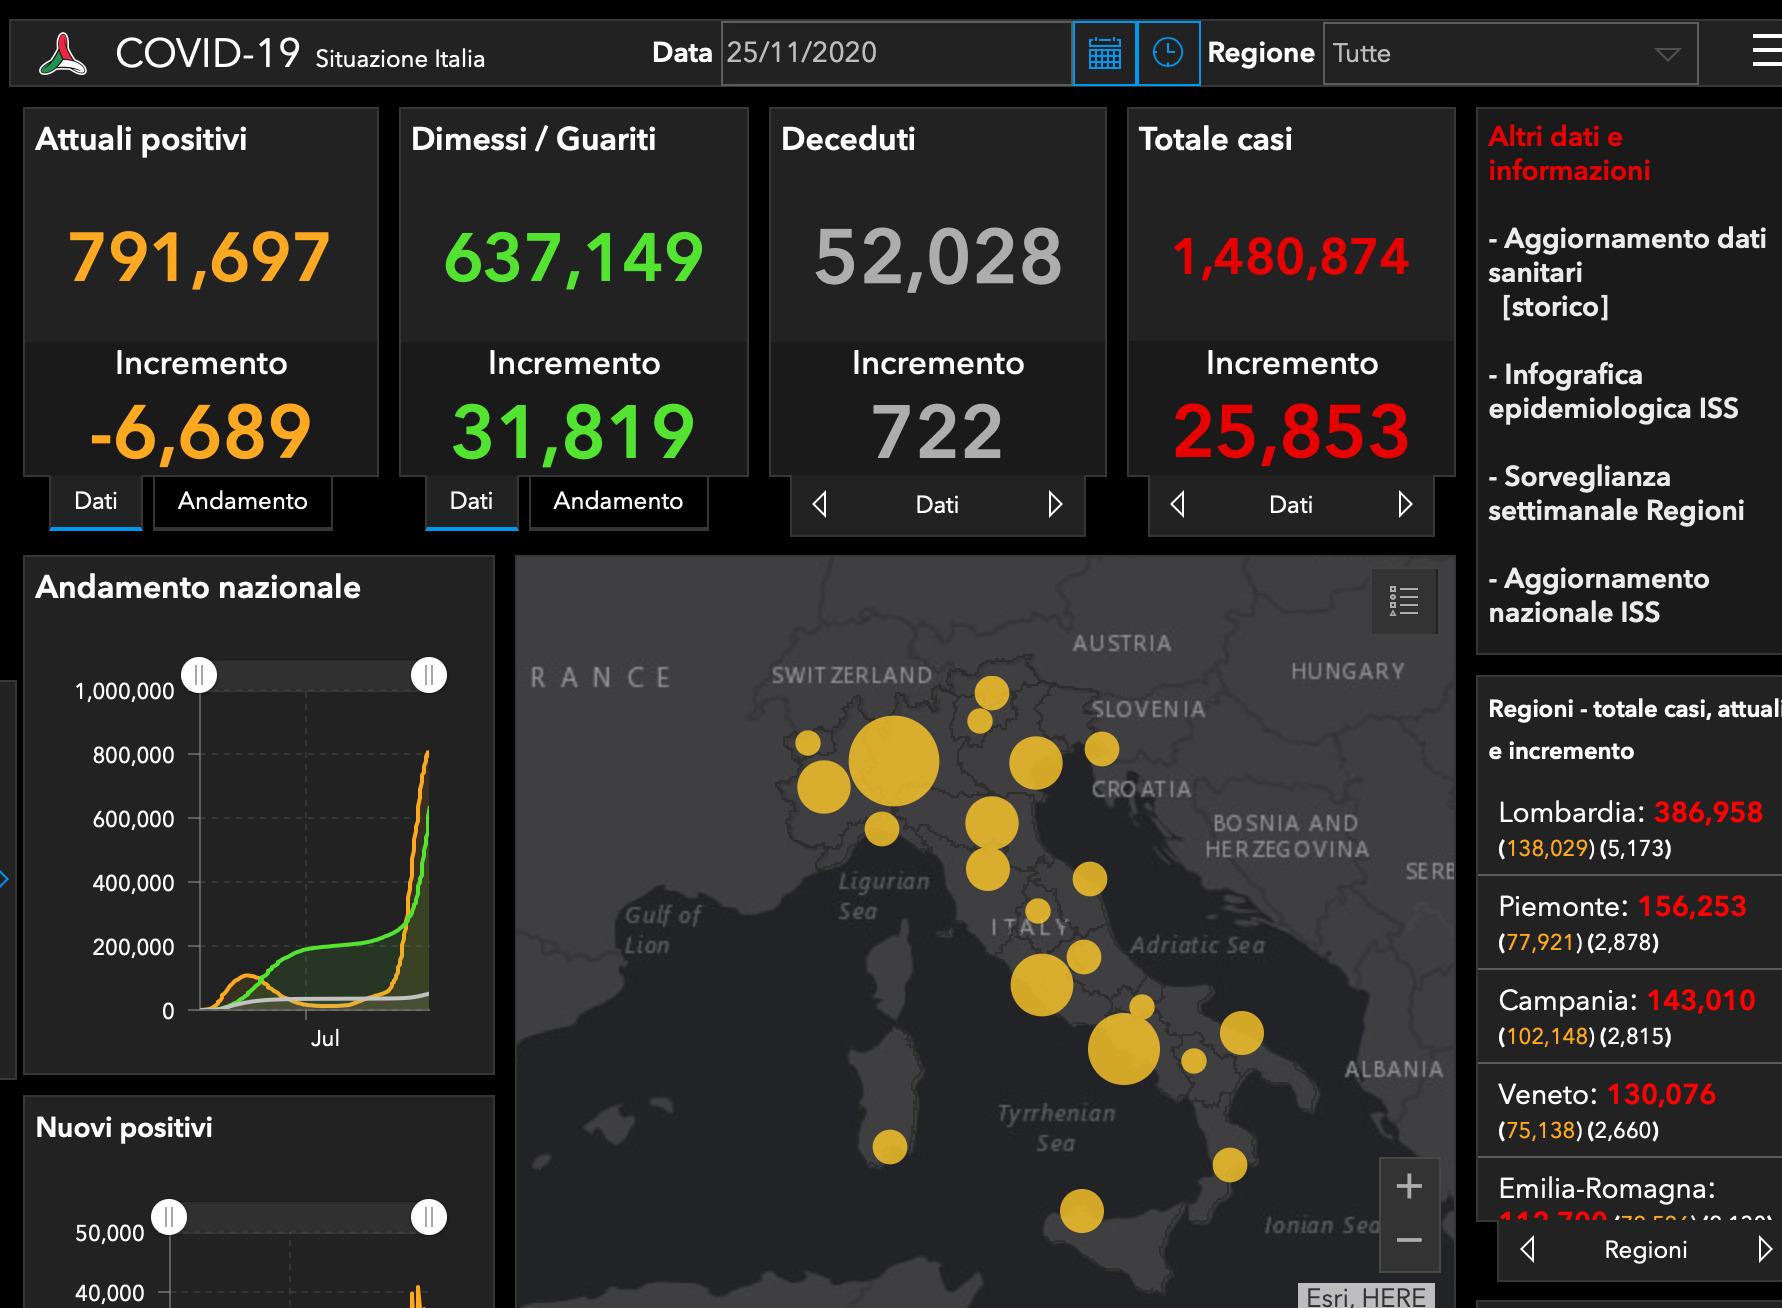 Coronavirus Italia, il bollettino di oggi: aumentano i casi (+25.853) ma scendono gli attuali positivi (-6.689)